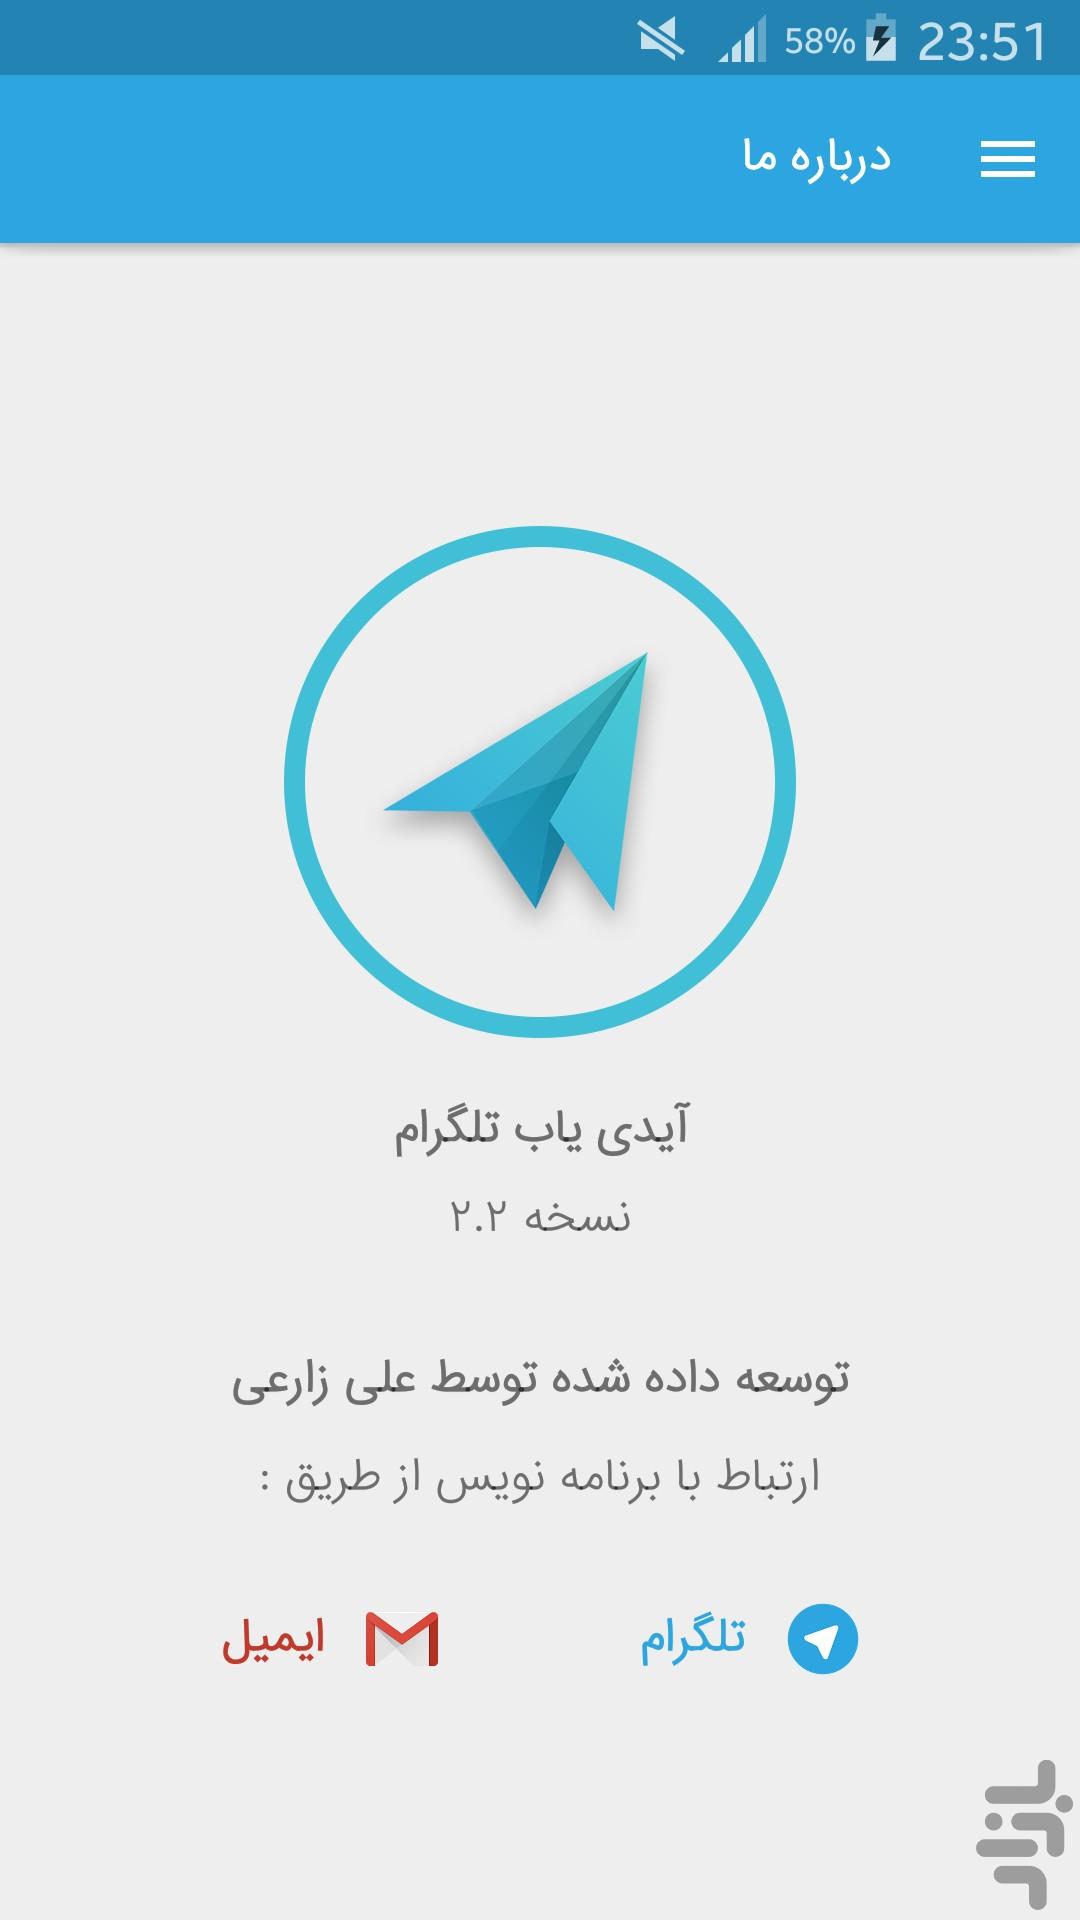 دانلود تلگرام پلاس برای اندروید